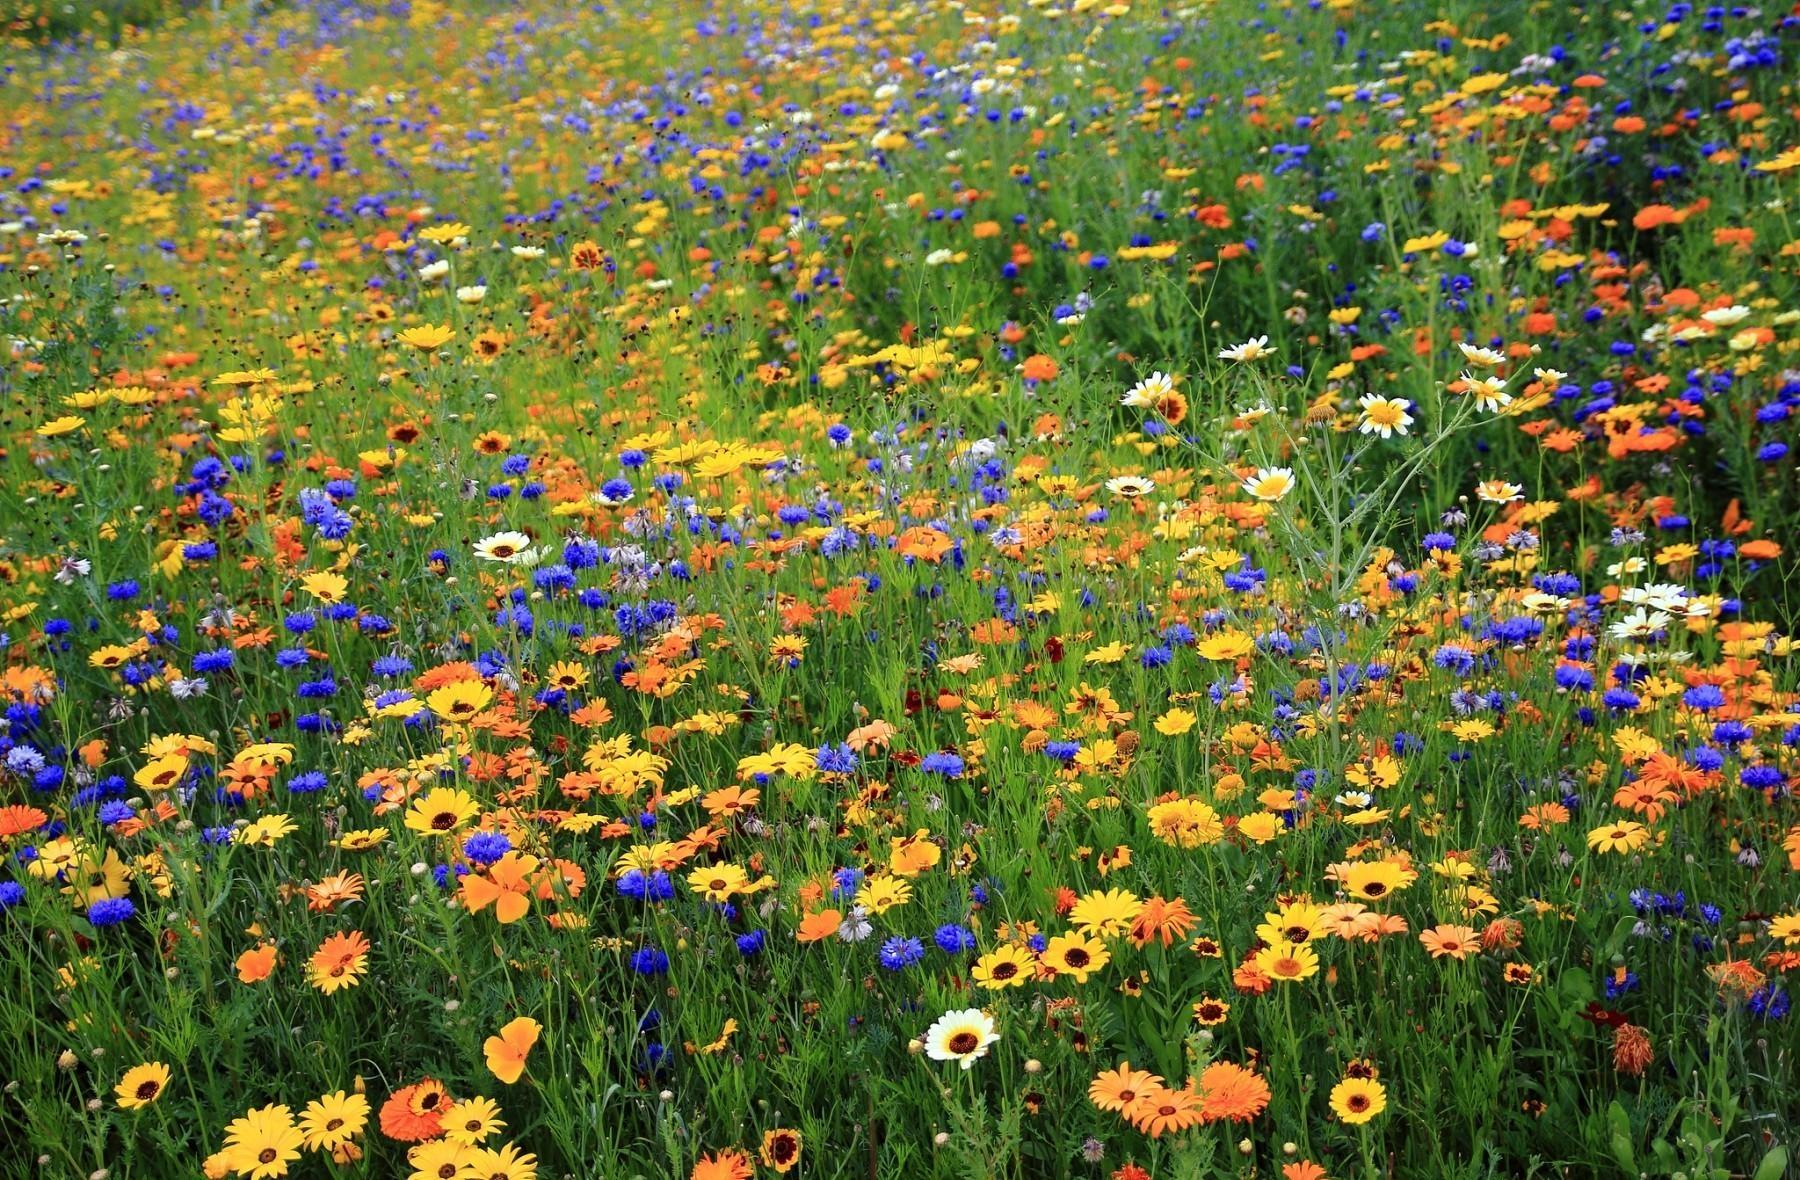 63486 Hintergrundbild herunterladen Sommer, Natur, Blumen, Kamille, Kornblumen, Polyana, Glade - Bildschirmschoner und Bilder kostenlos